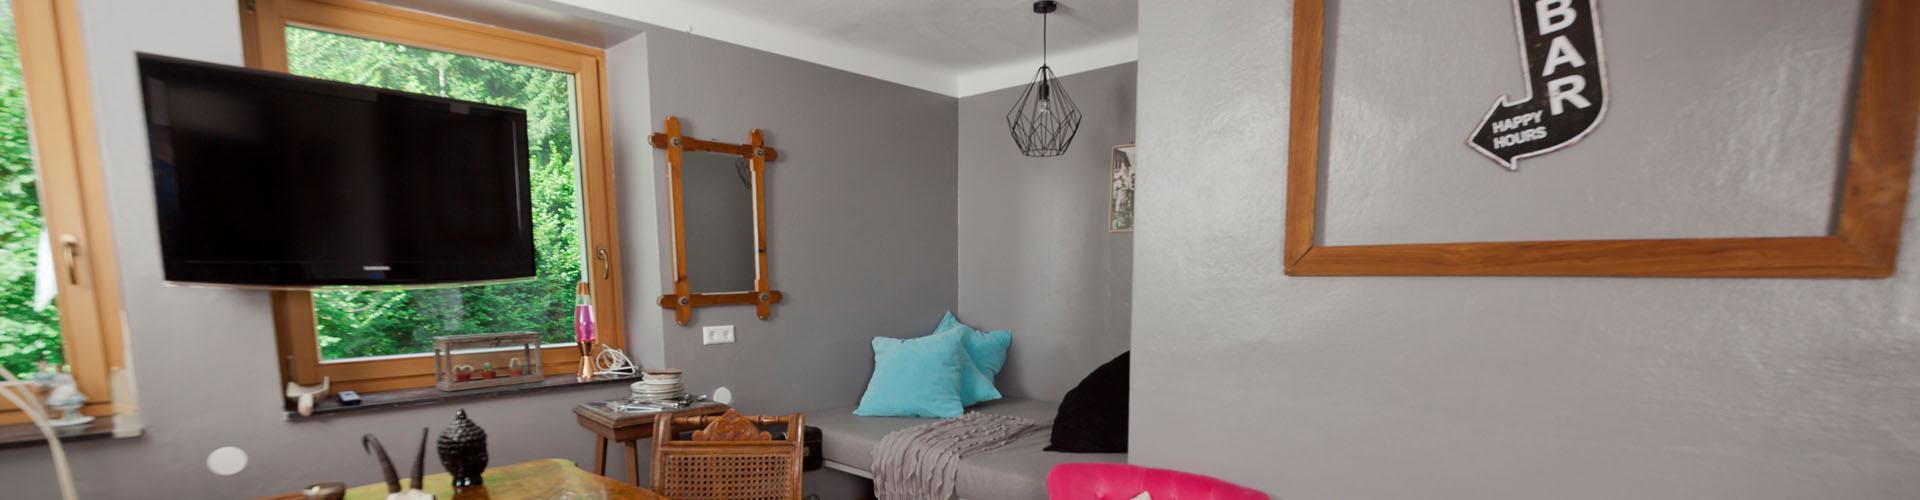 familienurlaub-wohnzimmer-gästeraum